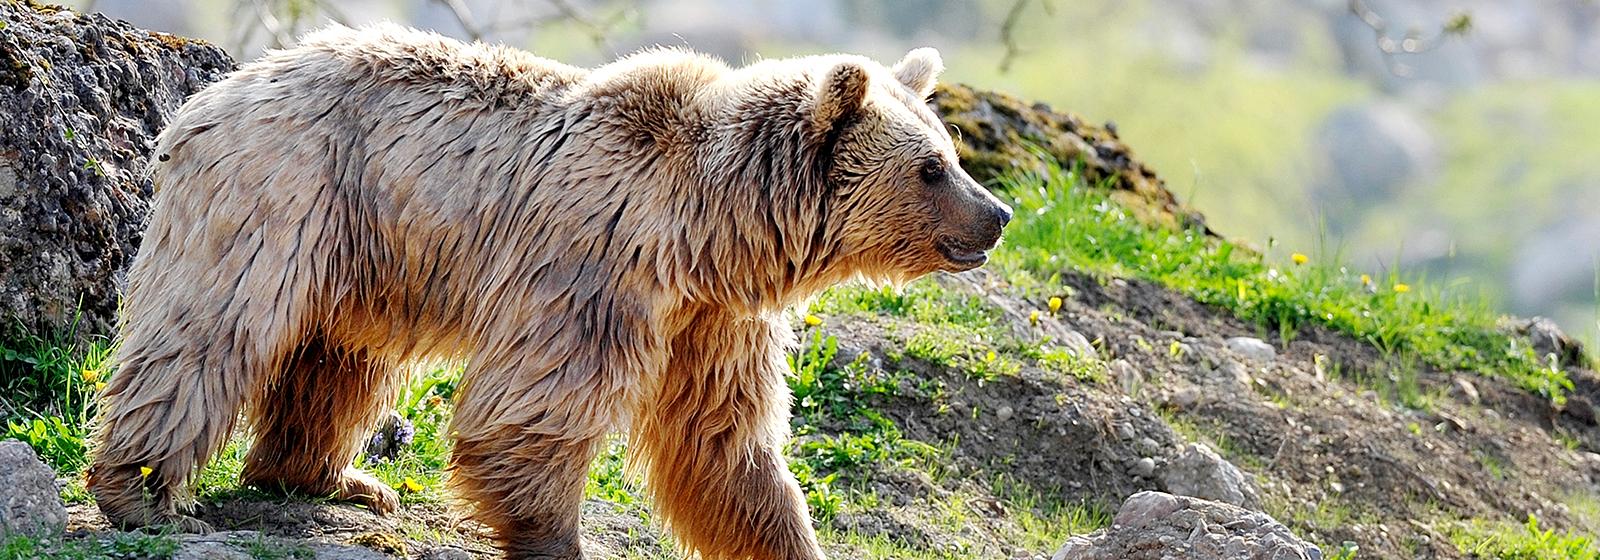 Le cloud et SharePoint ont permis de simplifier d'un seul coup le travail quotidien au parc naturel et animalier de Goldau. Il est désormais possible de traiter plus rapidement les demandes des clients et même les gardes forestiers non informatisés bénéficient de retombées positives. Lisez l'article.